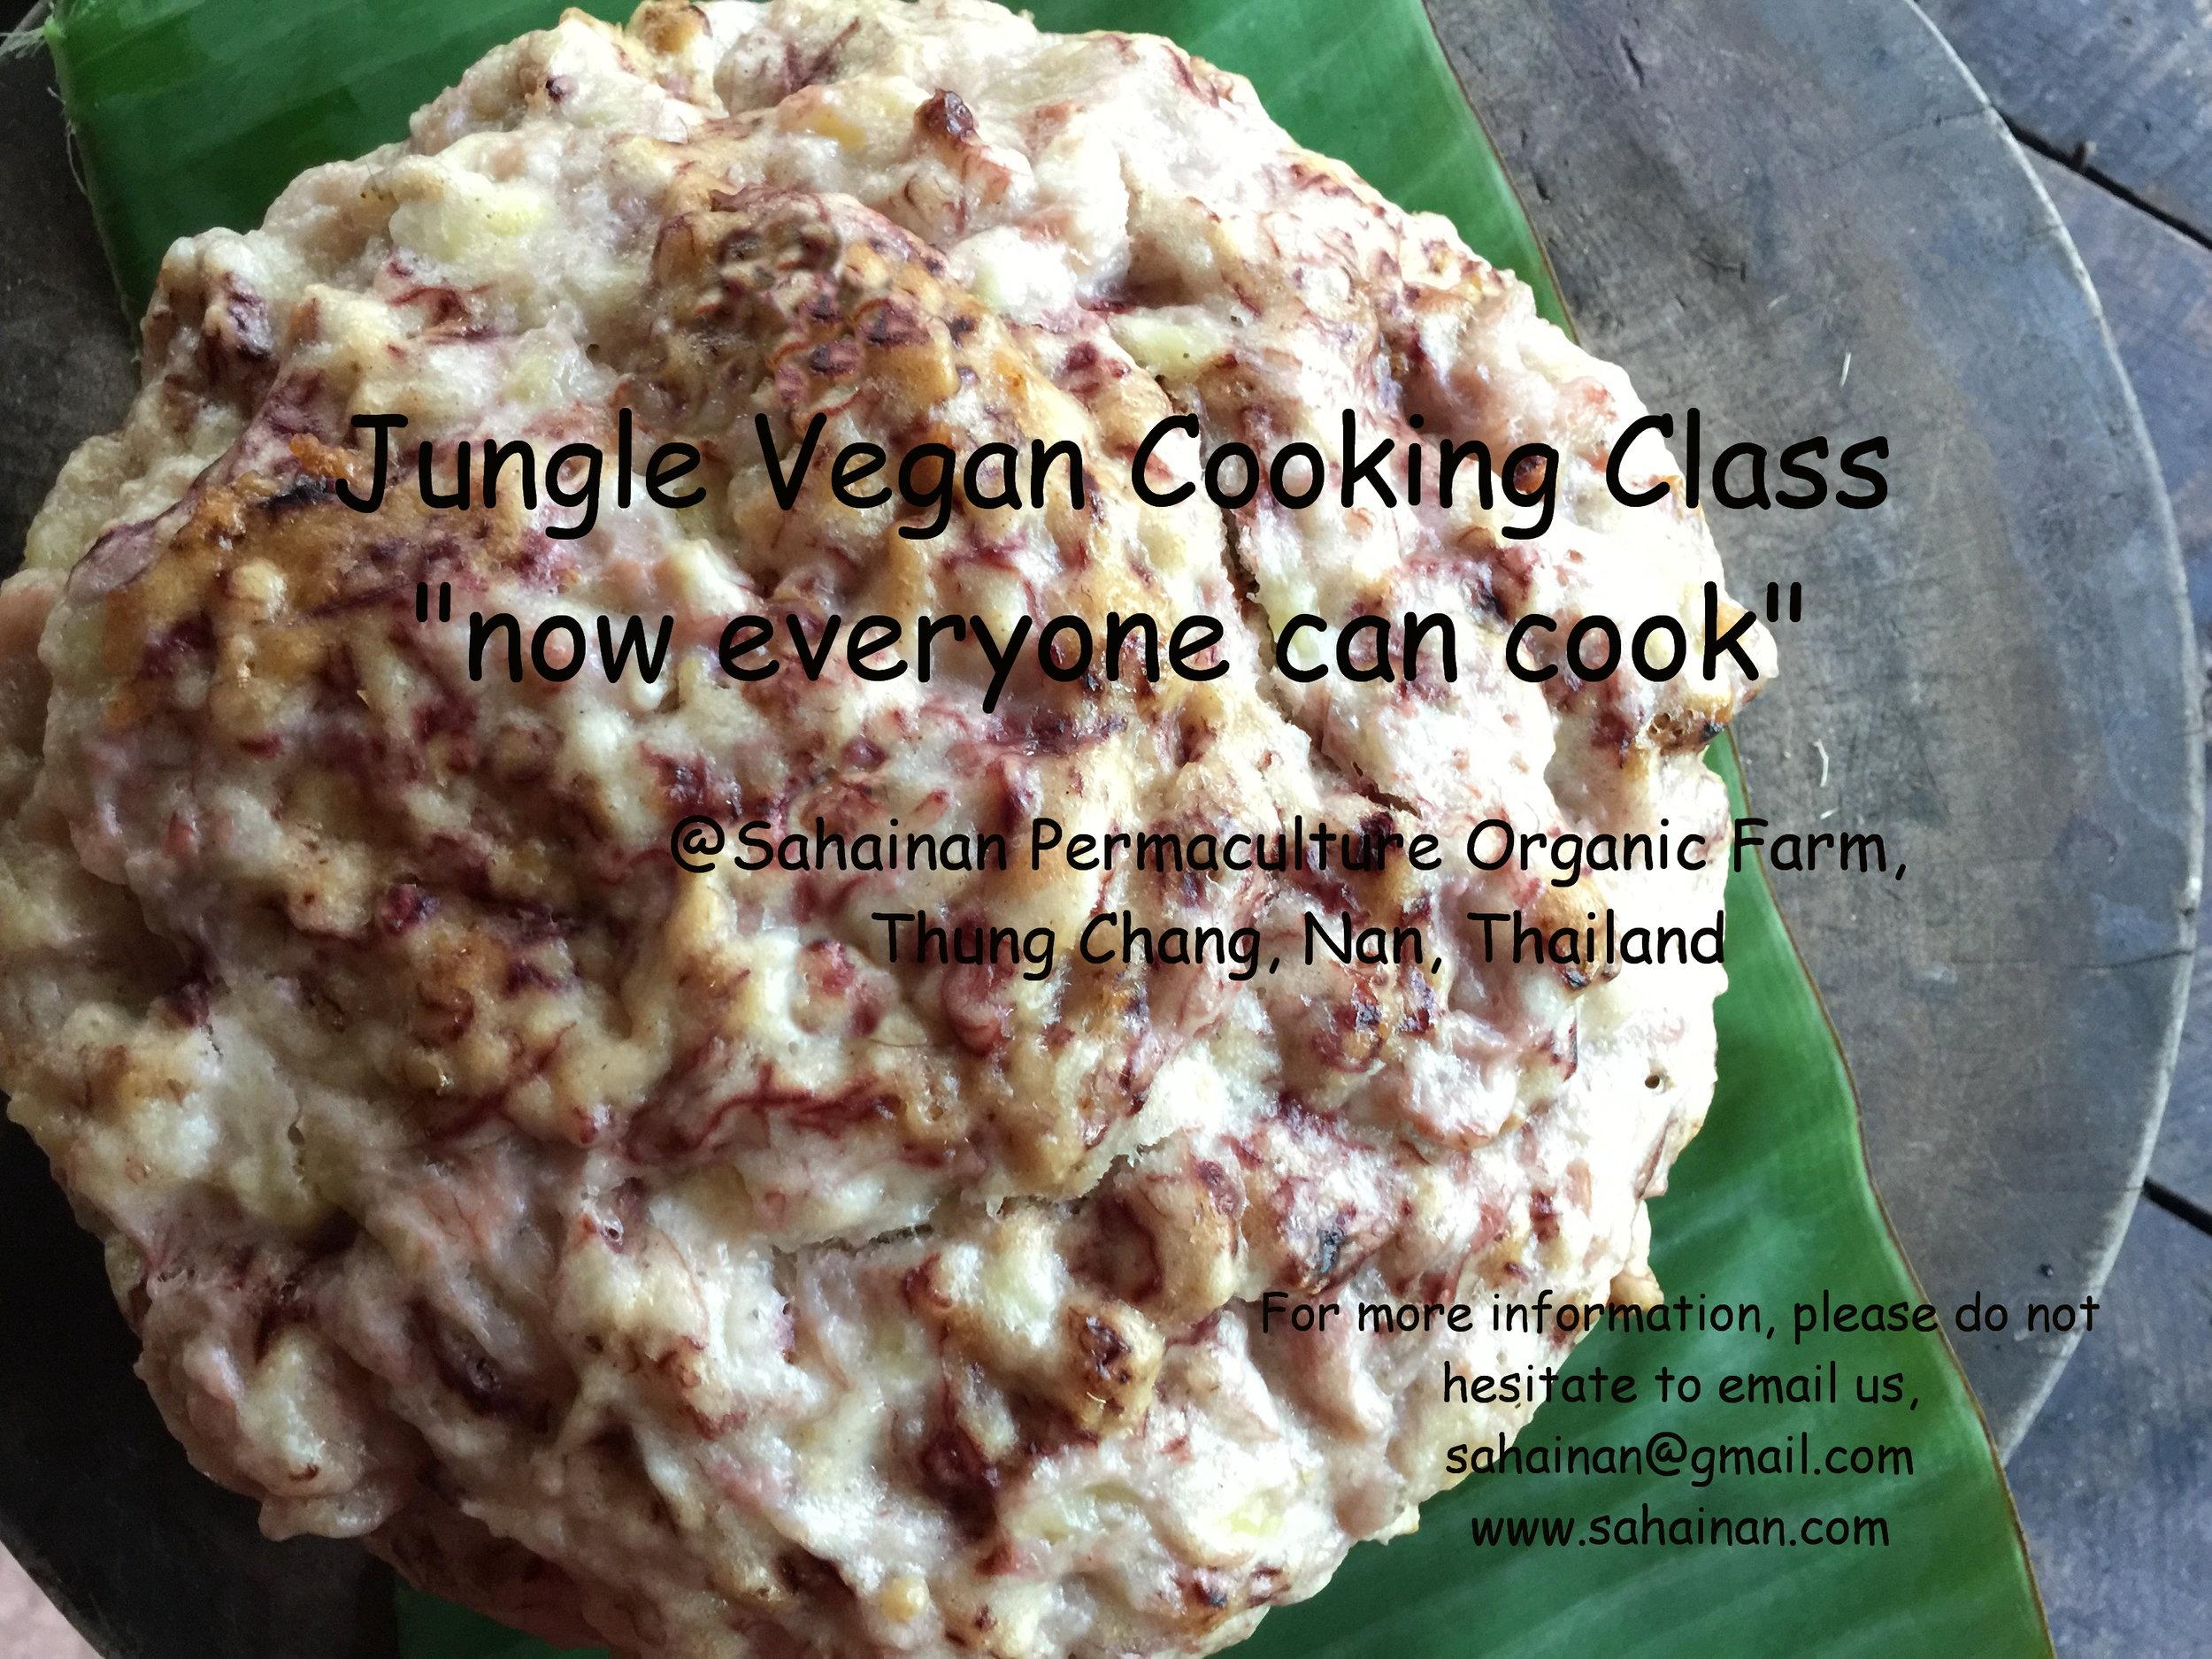 cooking class poster.JPG